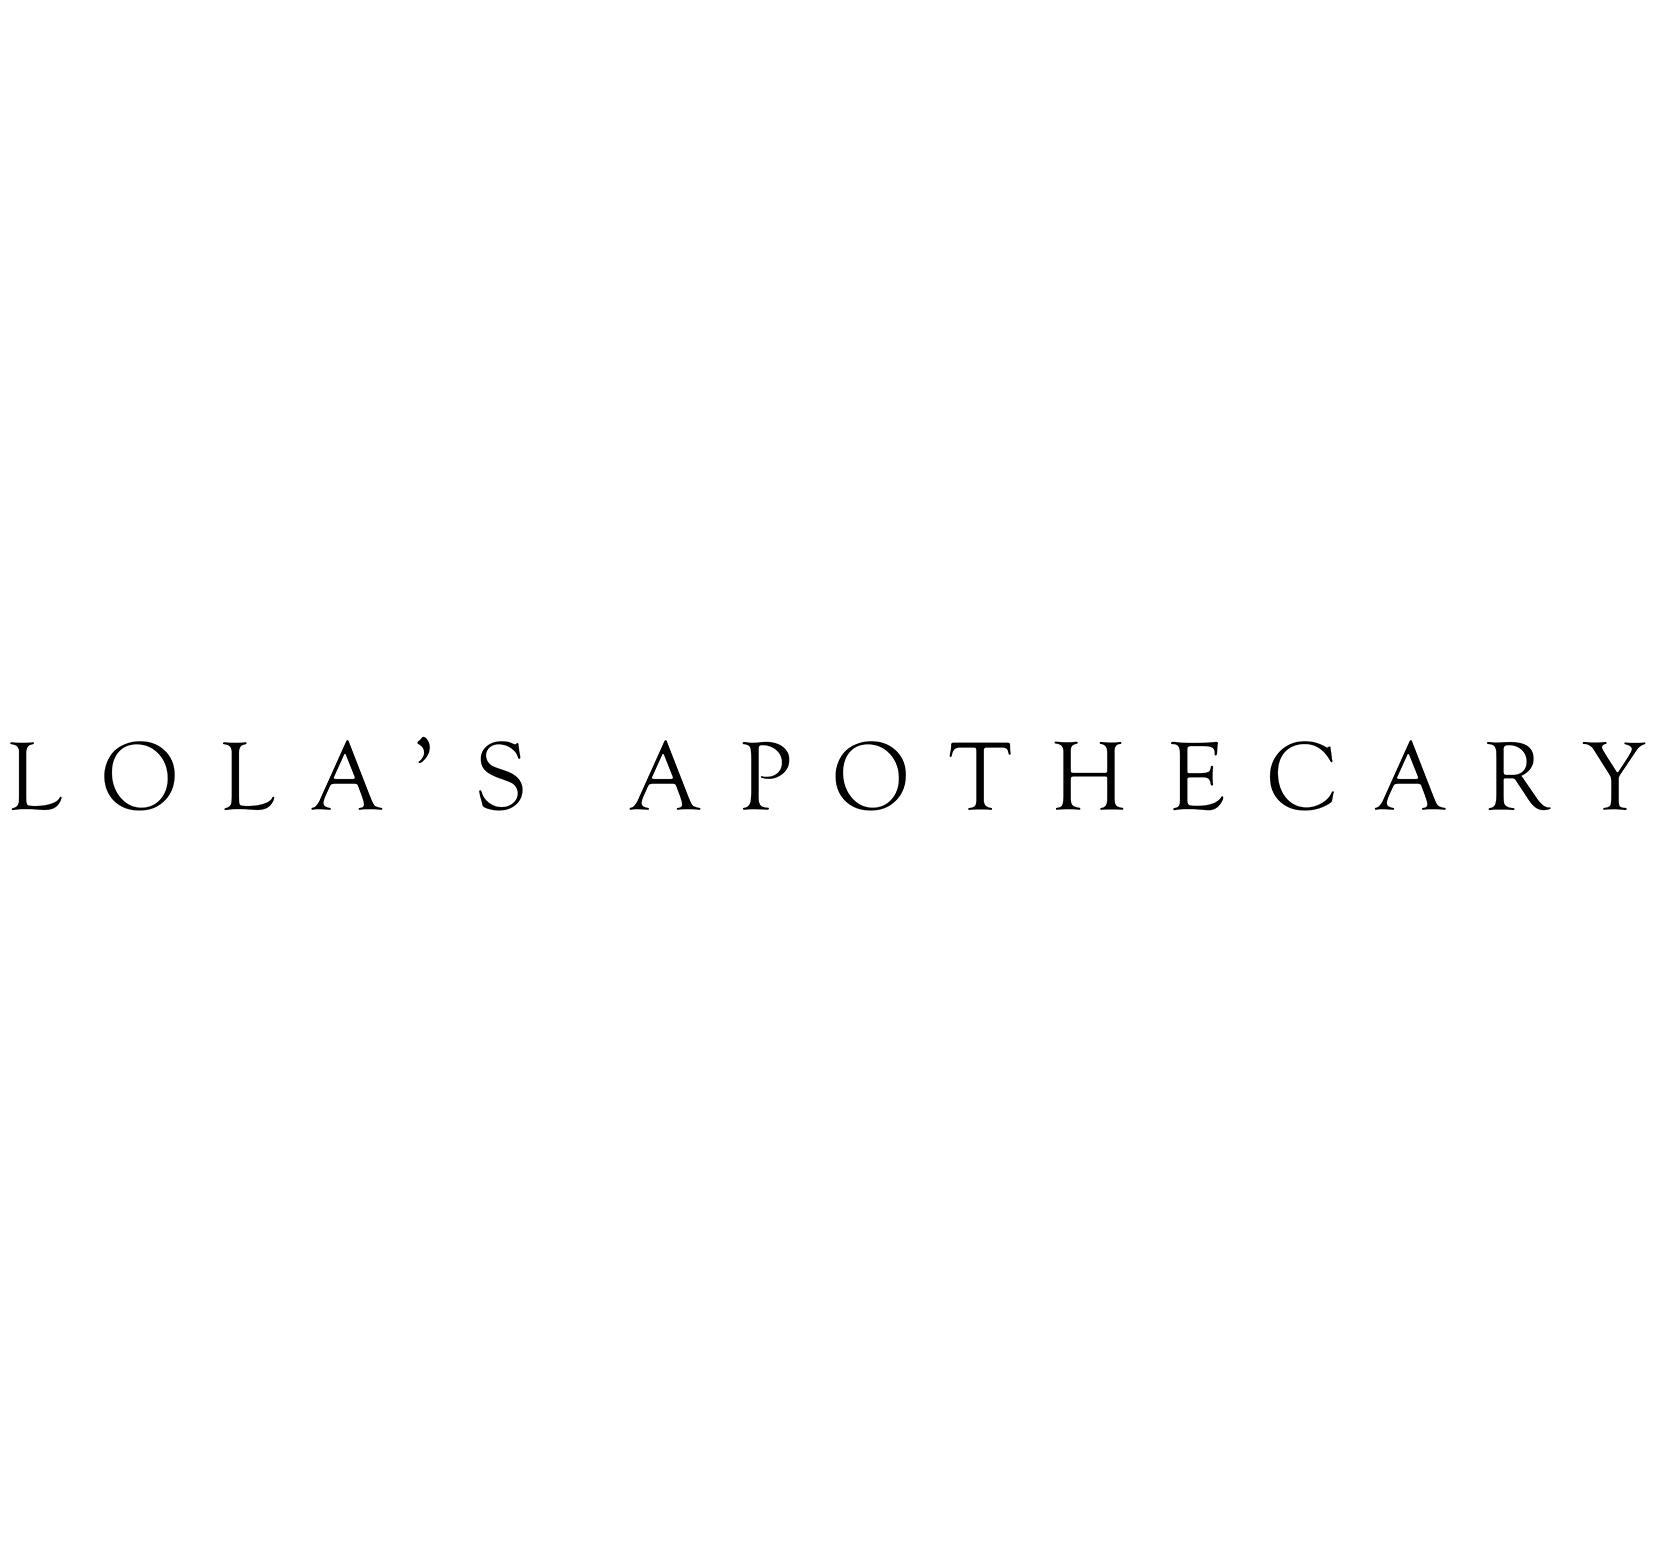 Lola's Apothecary